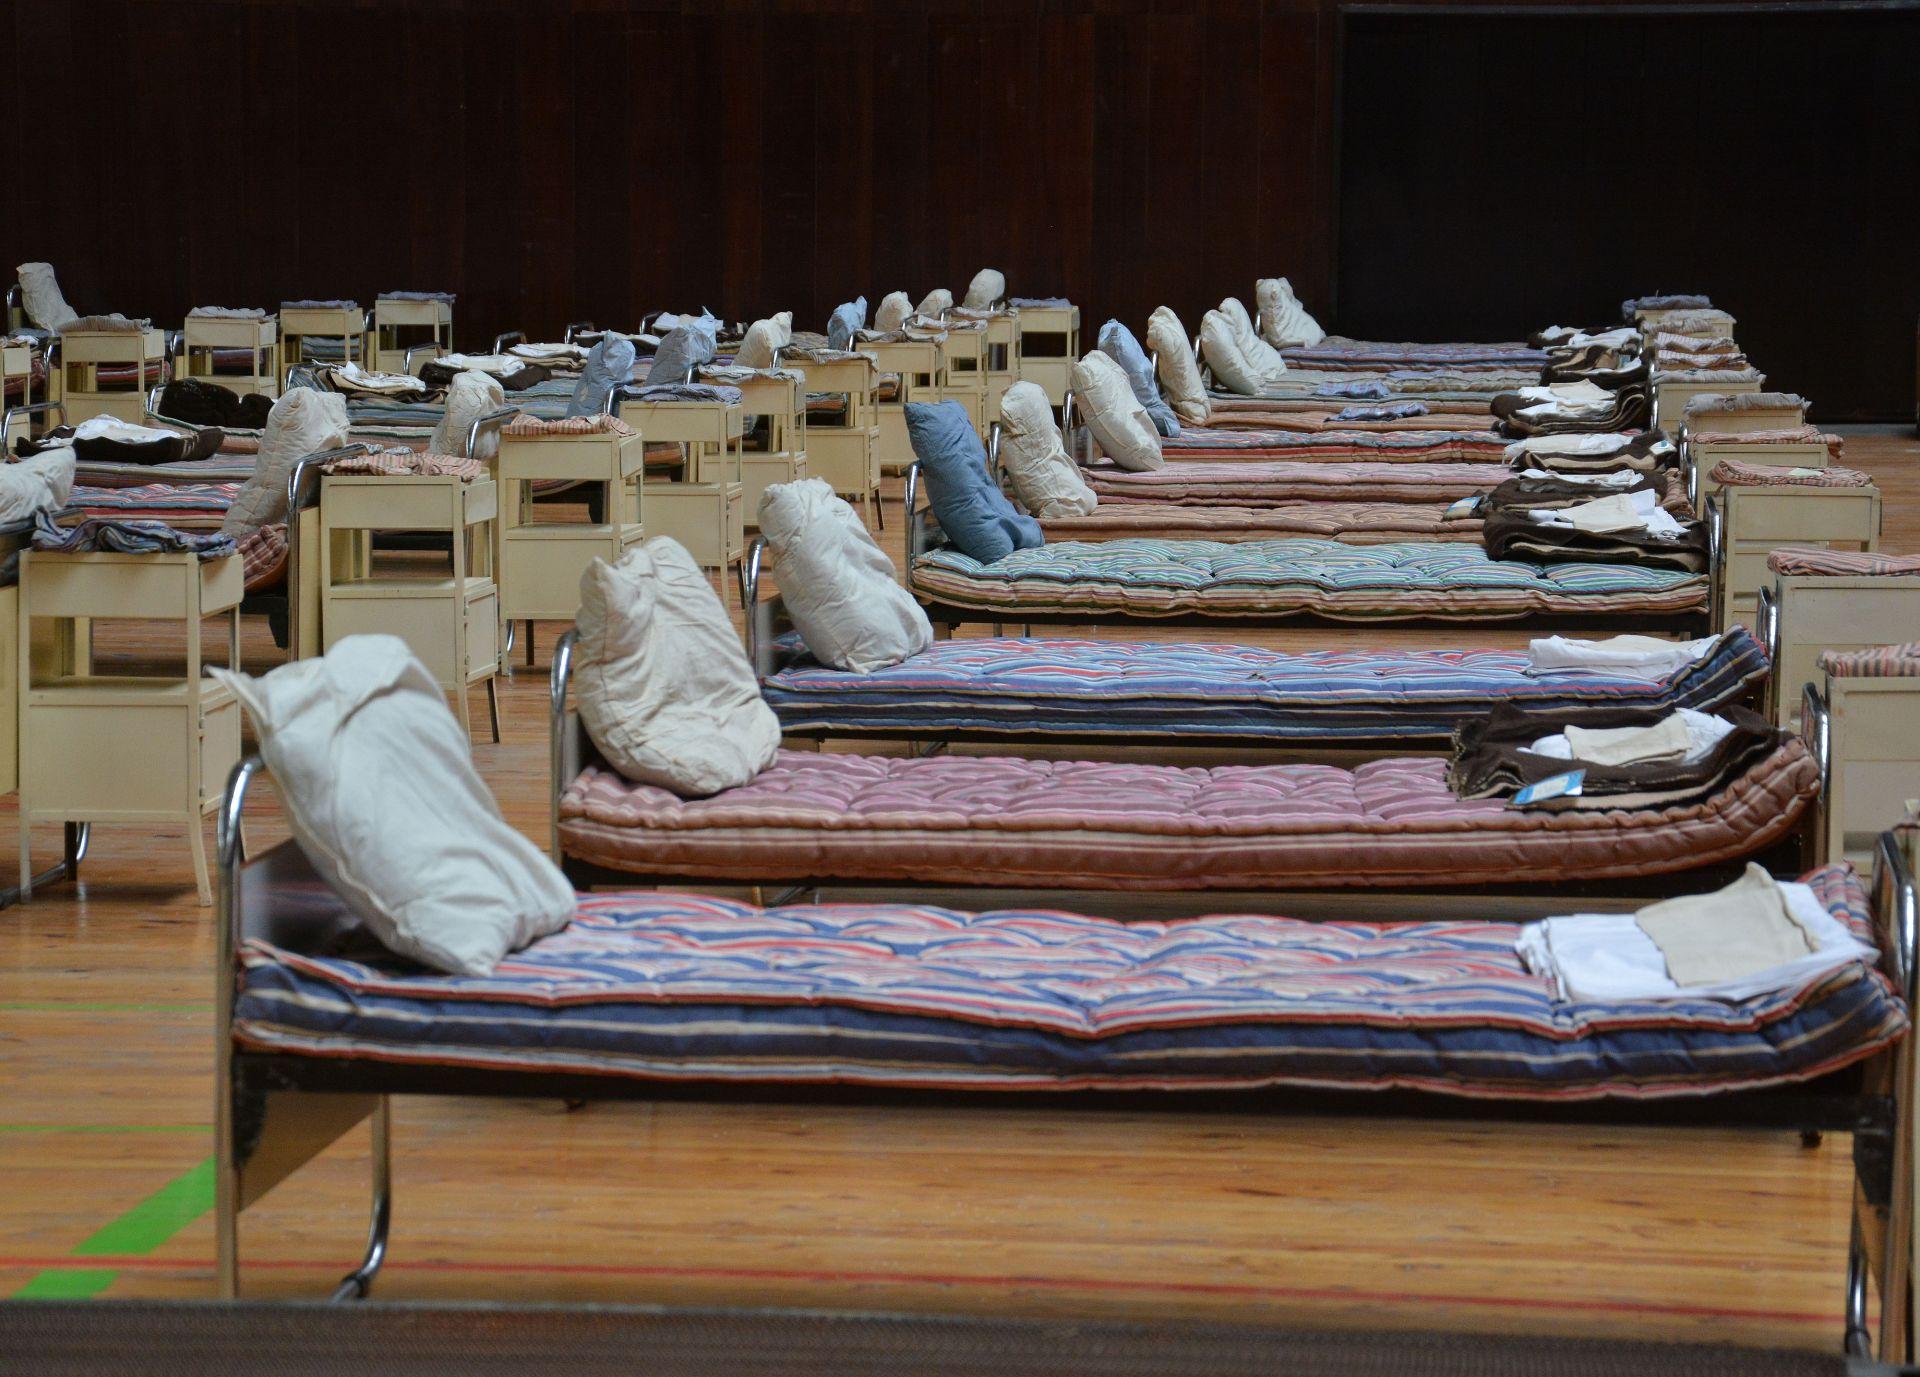 Във Варна бяха разположени 300 легла с цялостното им оборудване: дюшеци, чаршафи, възглавници, одеала, шкафчета и 300 комплекта хавлии и пижами